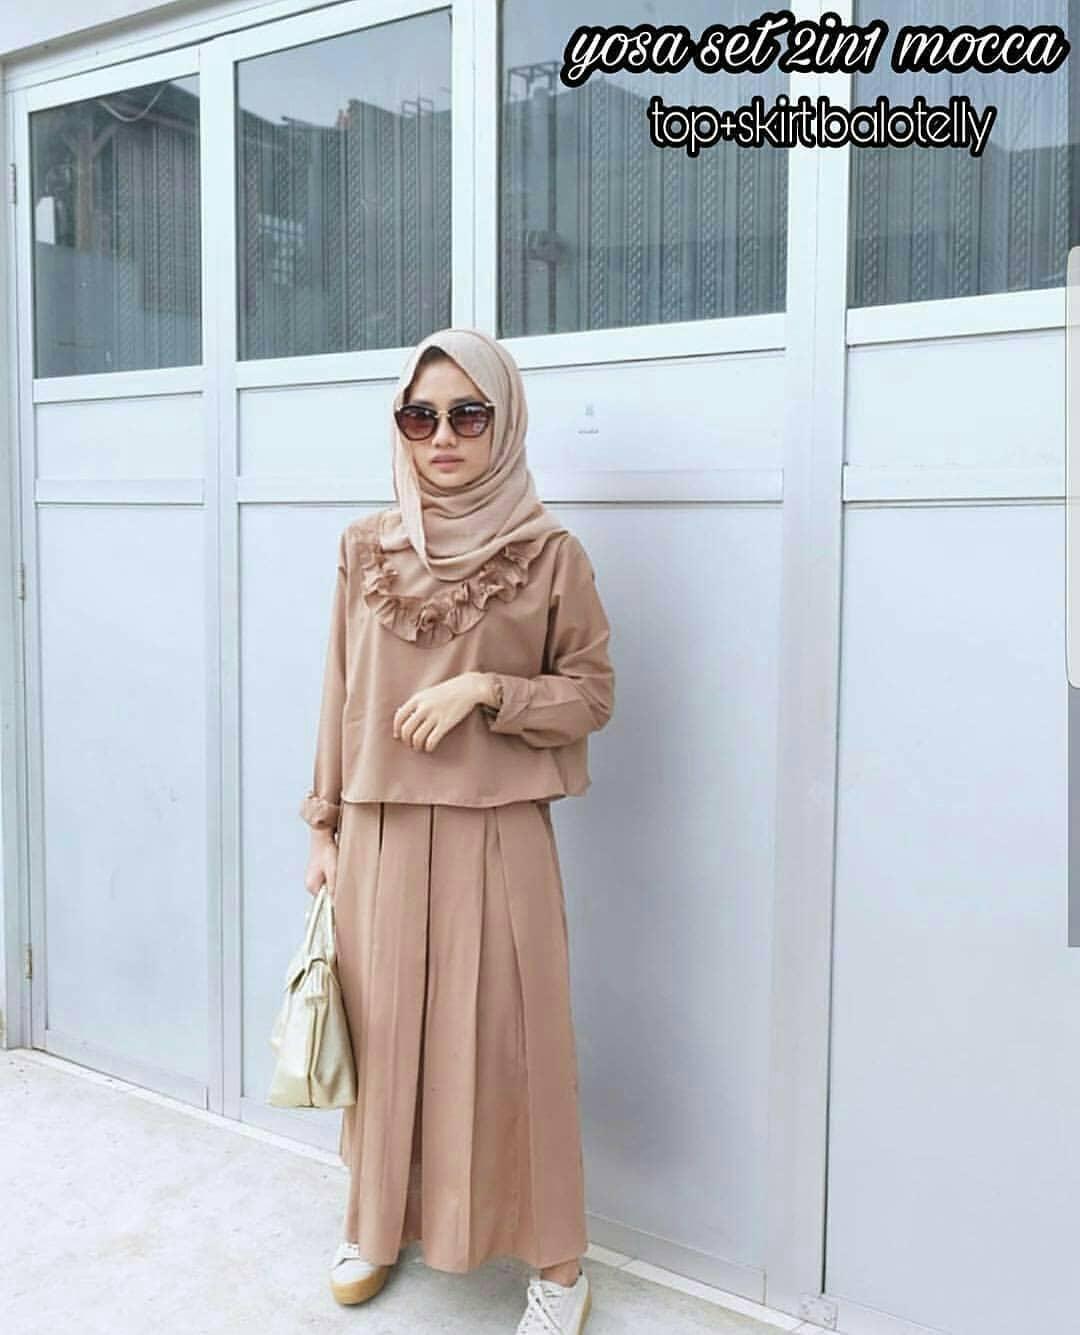 Baju Muslim Original Setelan Yosa Set 2in1 Baju Wanita Hijab Trendy Celana + Baju Atasan Modern Modis Casual Trendy Terbaru